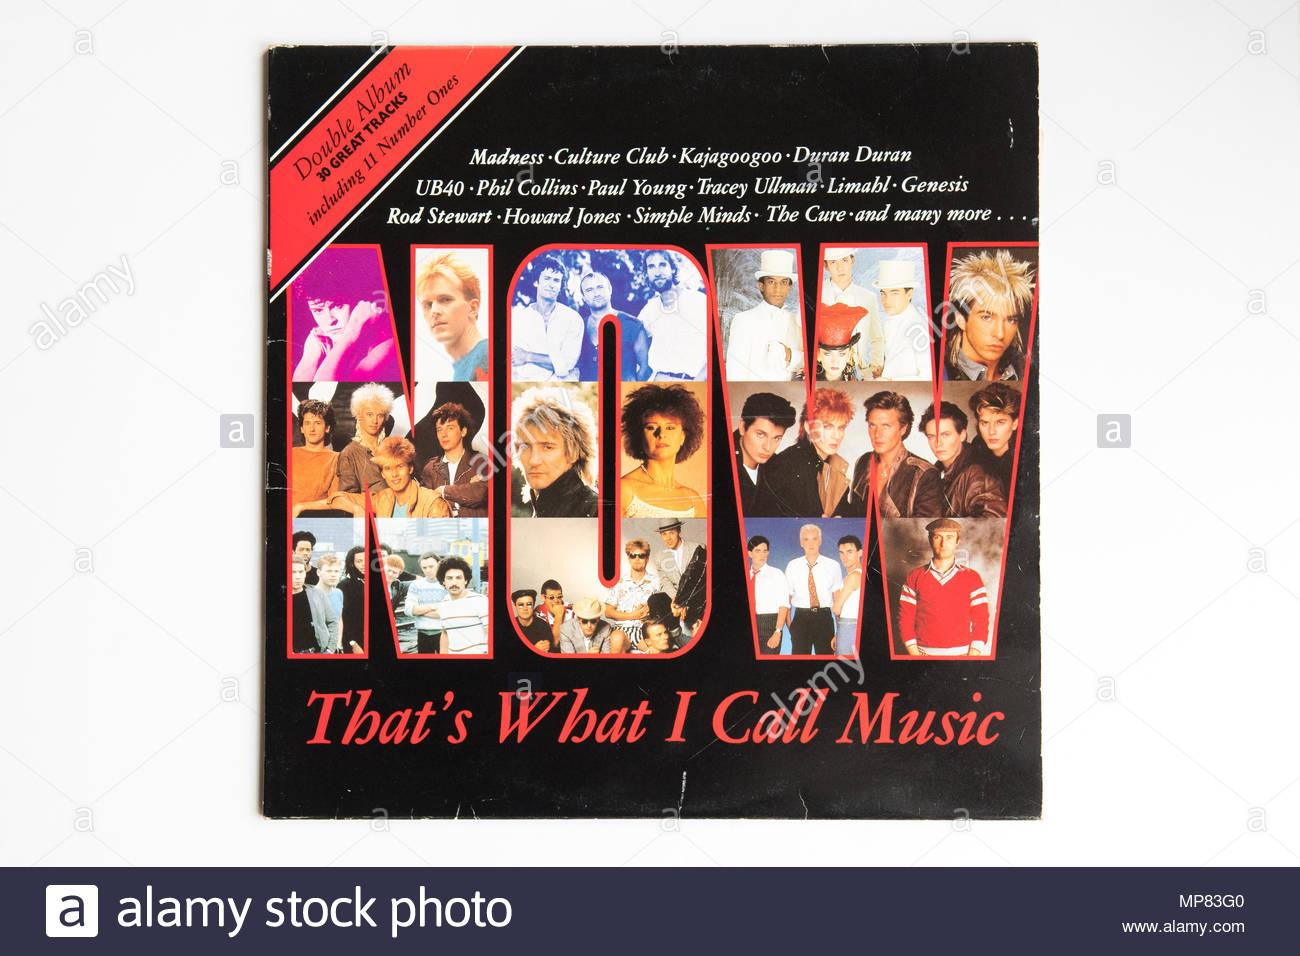 C'est ce que j'appelle la musique No1 - le premier album vinyle original maintenant couverture de l'album, publié 1983 Photo Stock